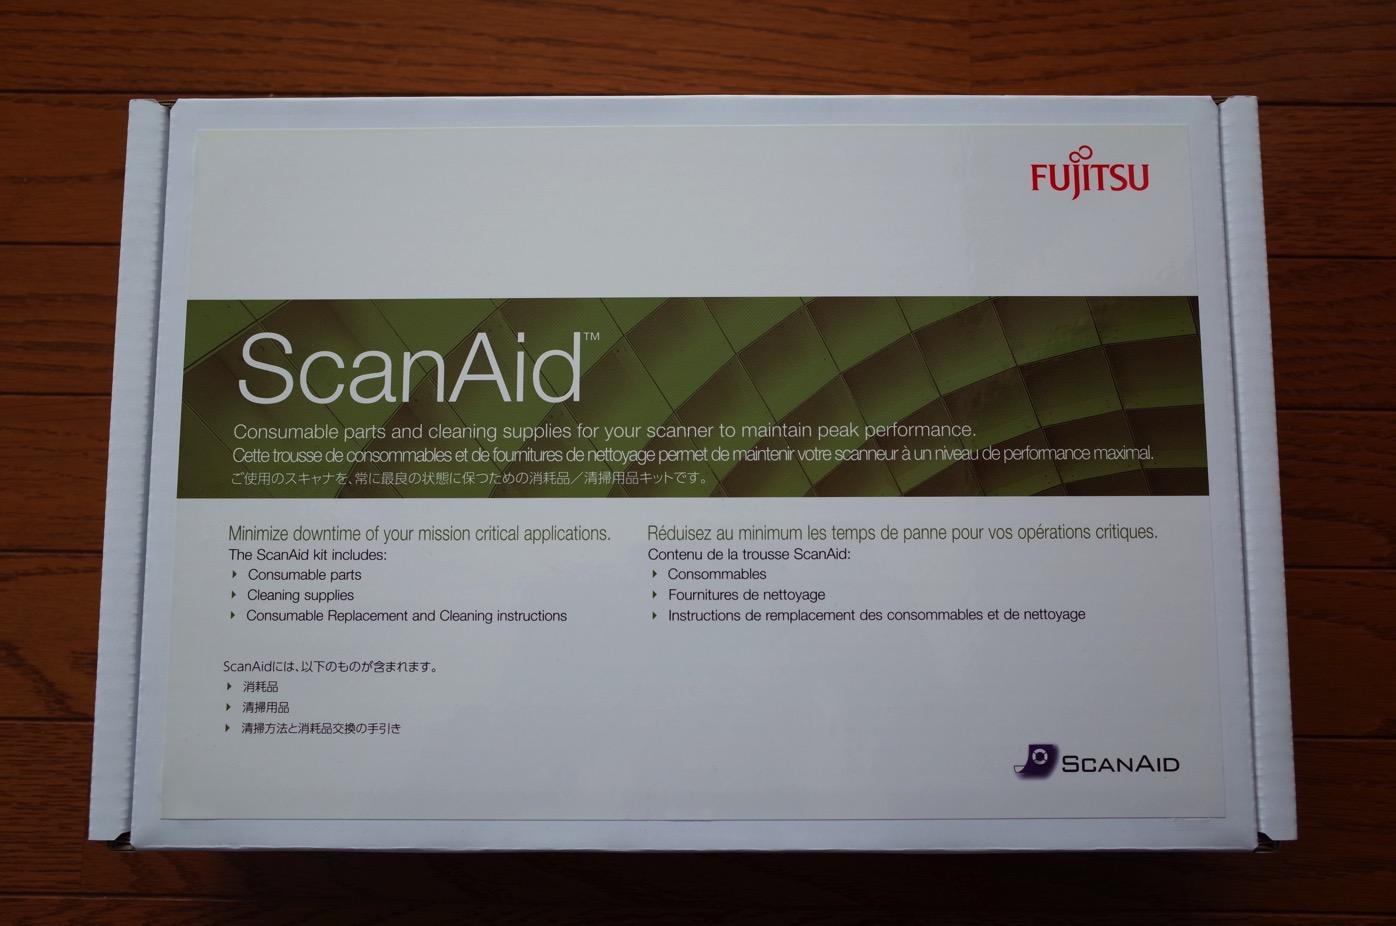 ScanAid-1